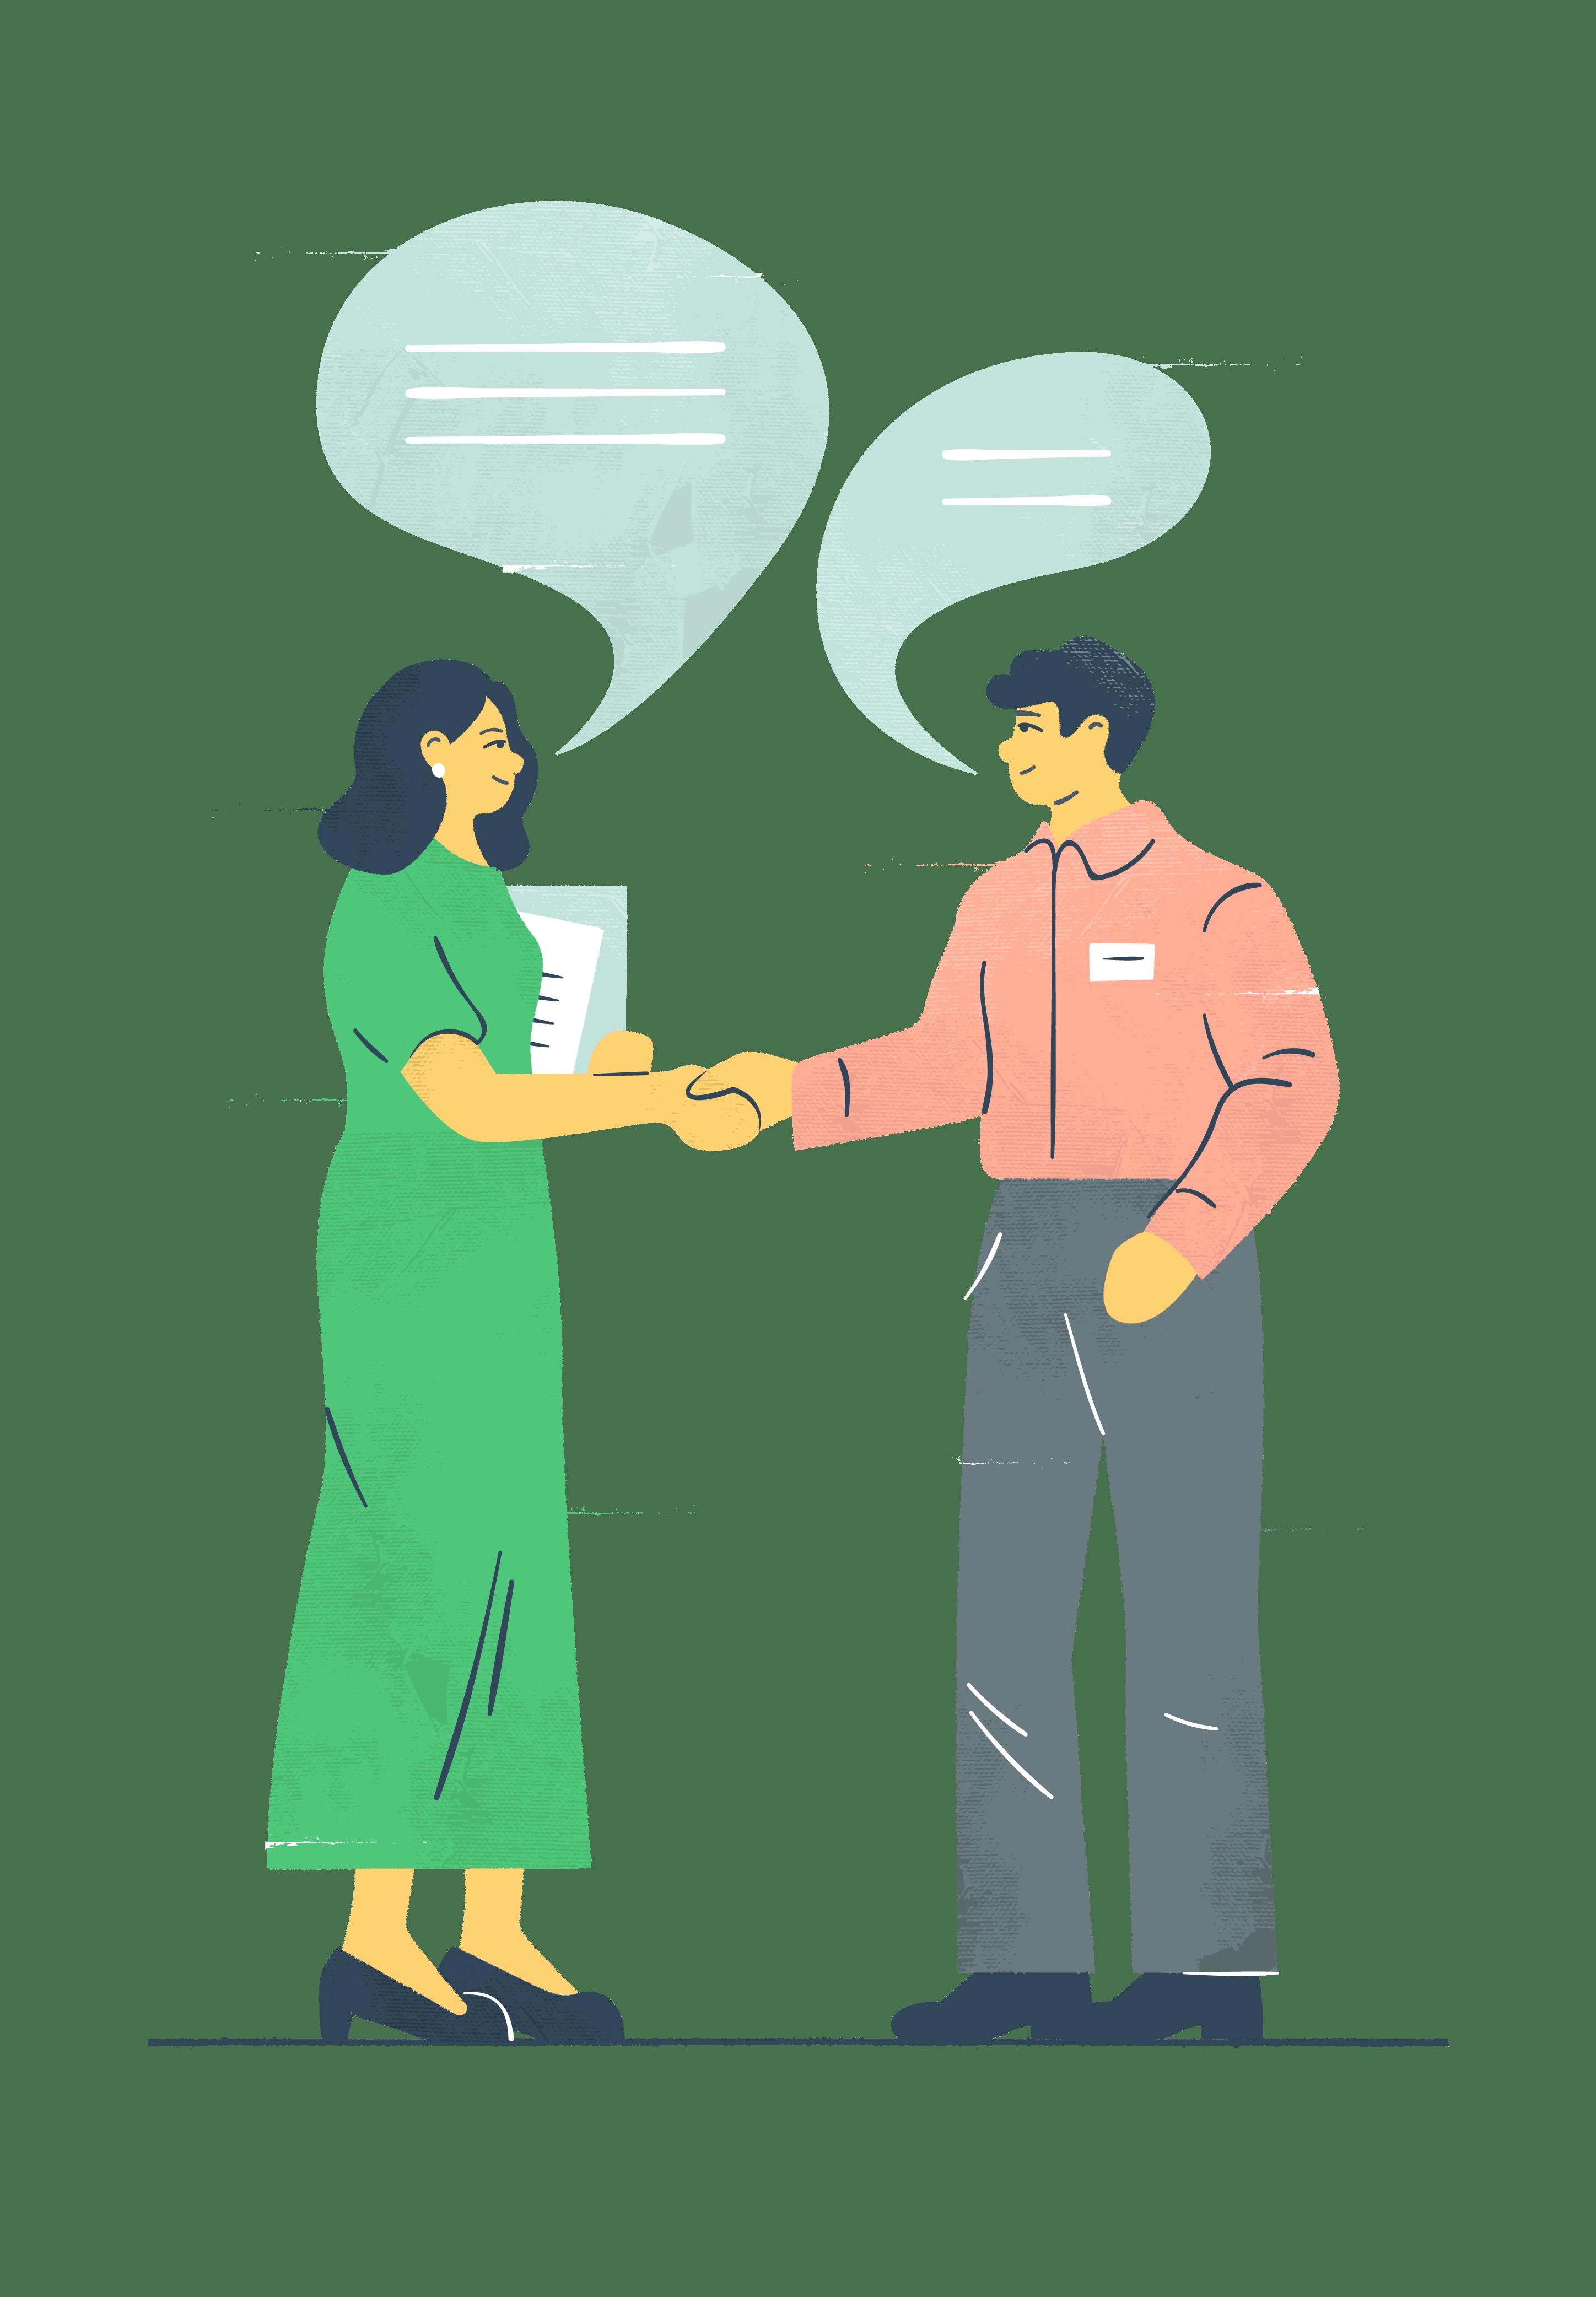 Kuvituskuva: myynti ja markkinointi alkavan yrittäjän näkökulmasta